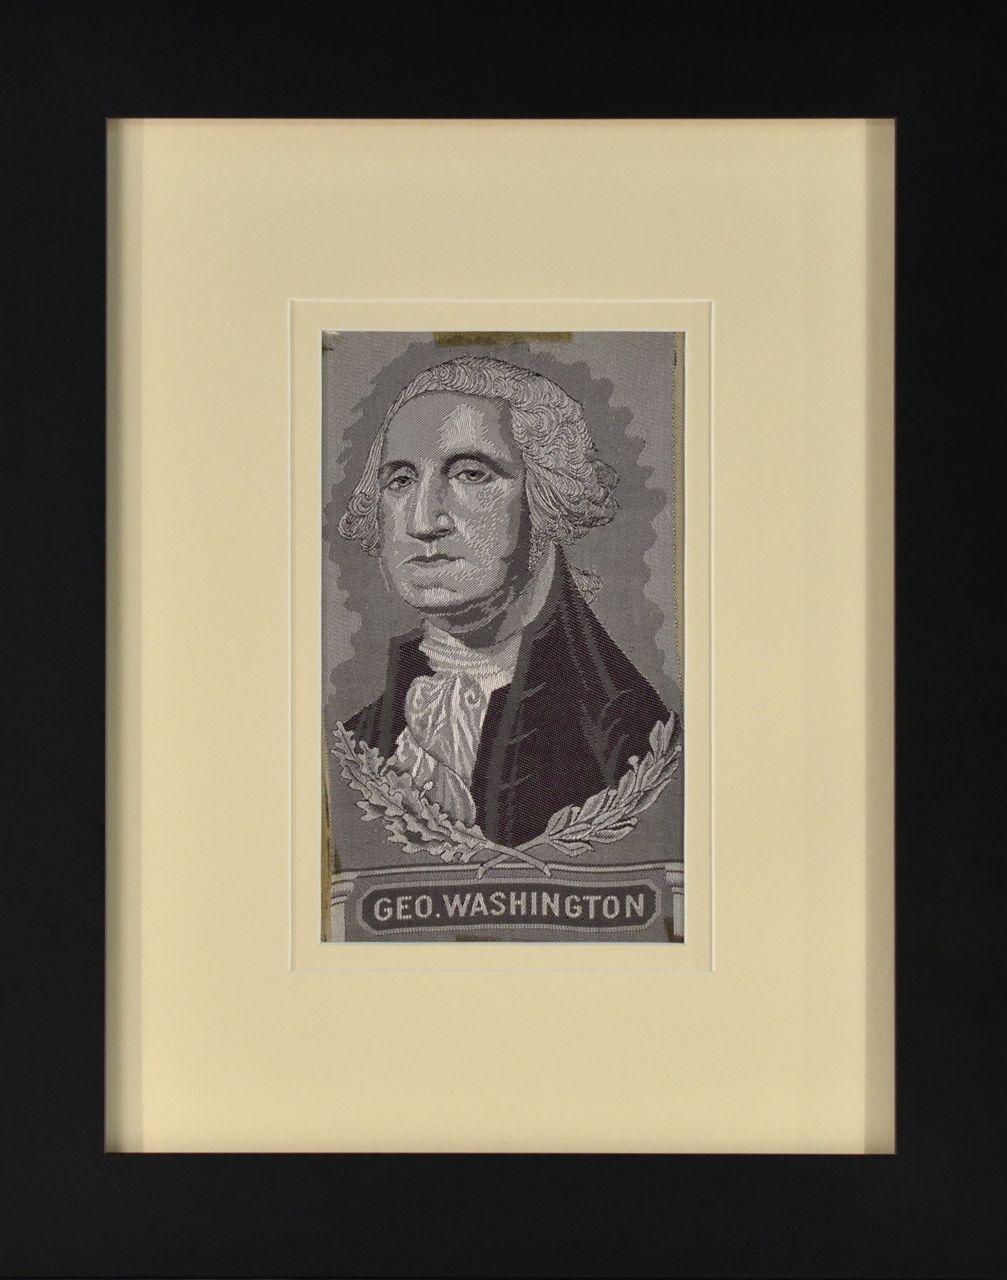 GEORGE WASHINGTON IMAGE